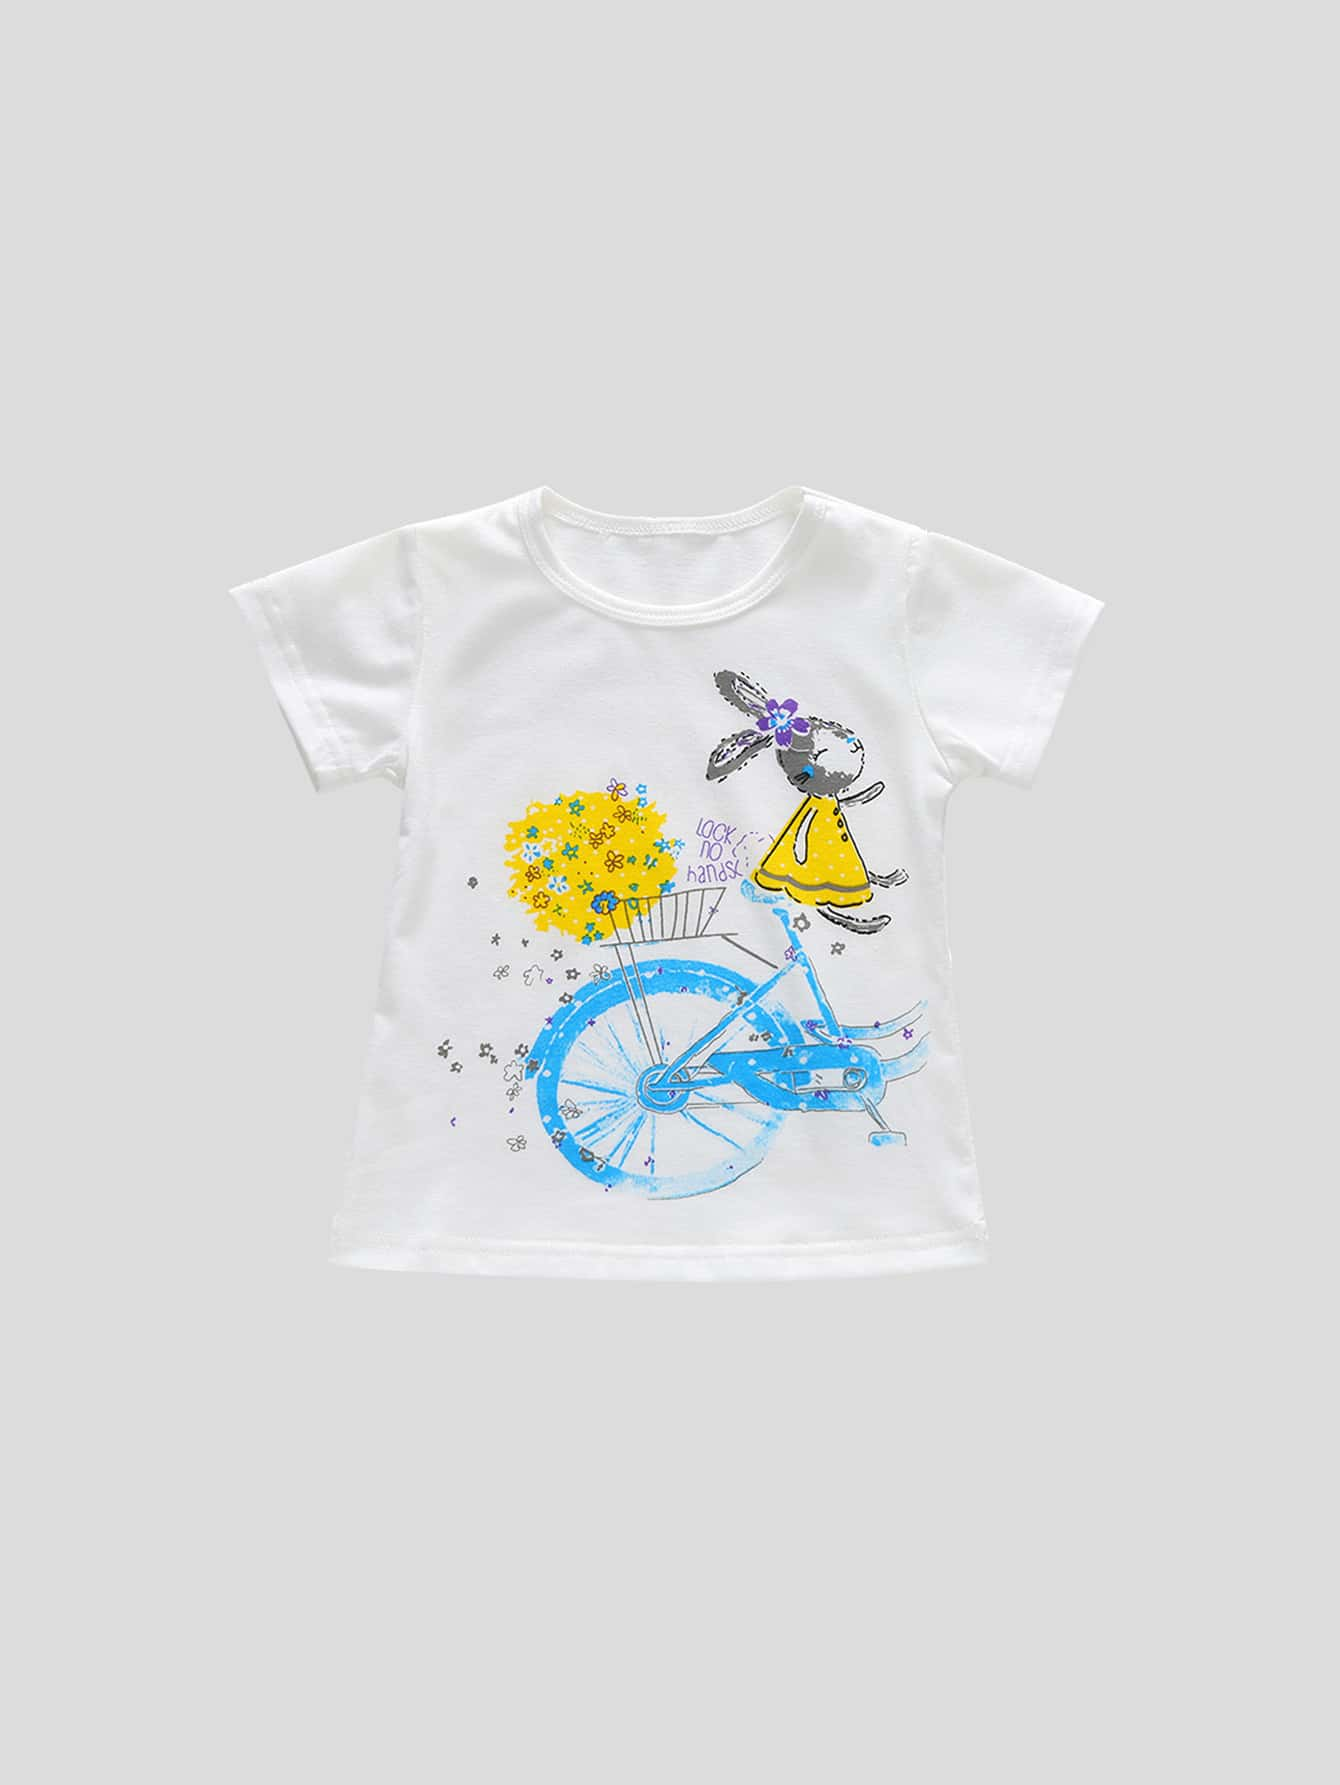 Тройник кролика для детей, null, SheIn  - купить со скидкой